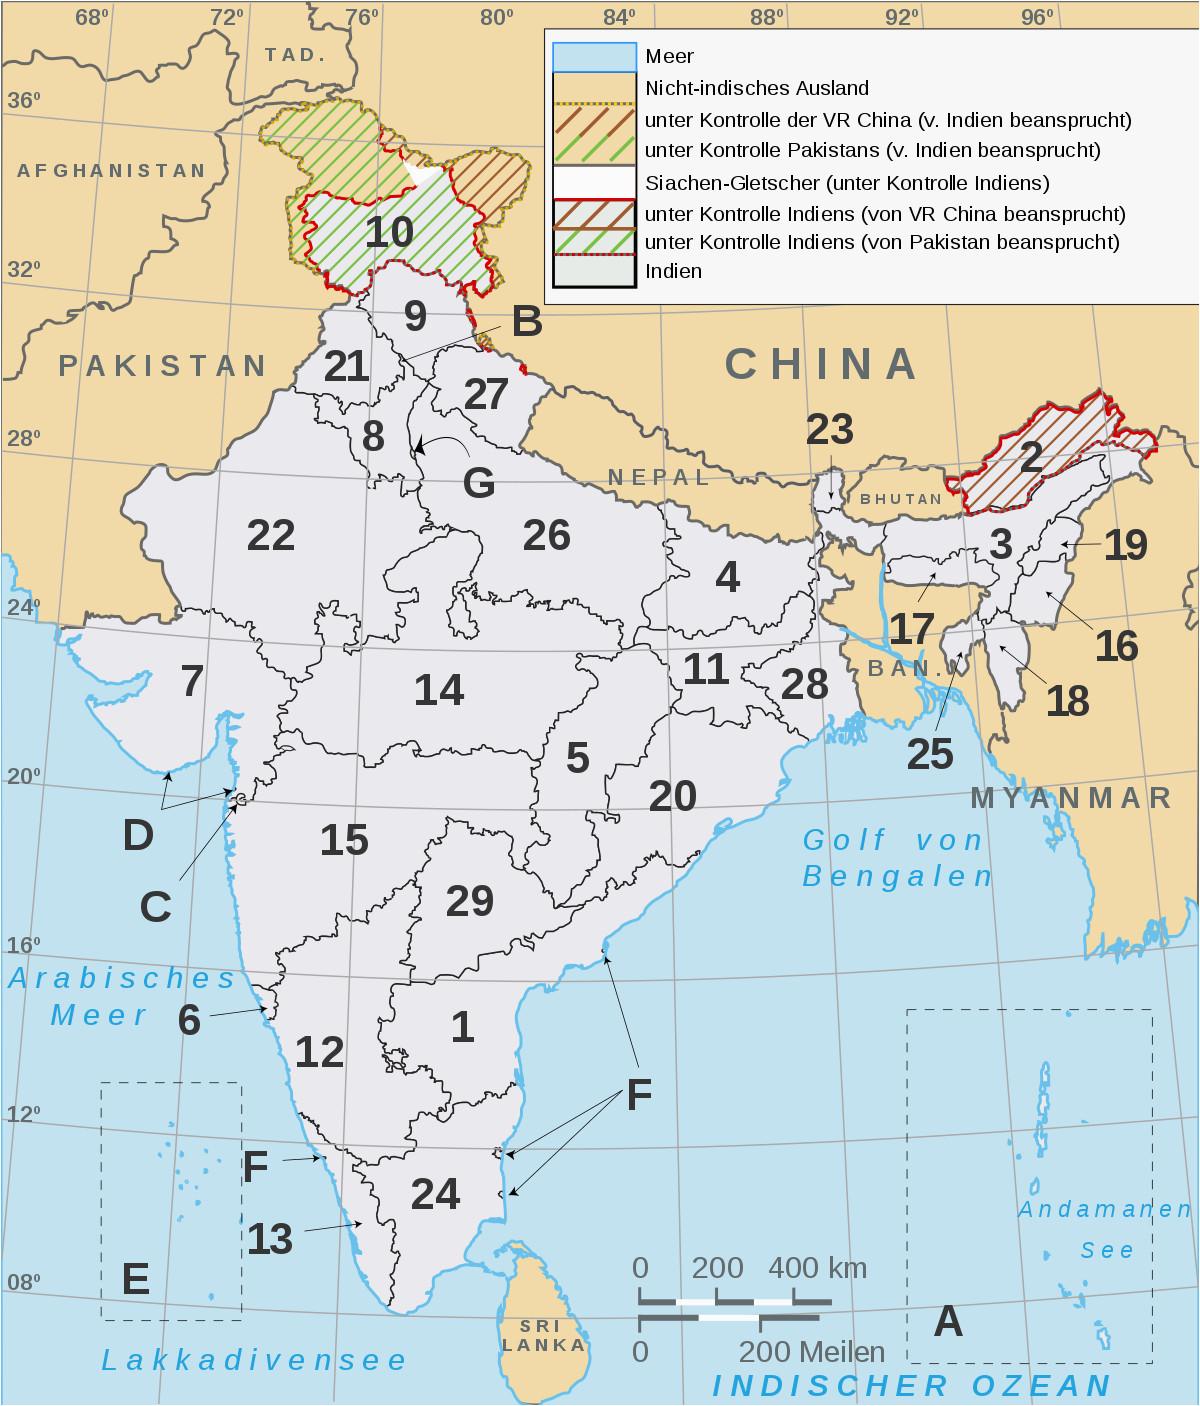 liste der bundesstaaten und unionsterritorien in indien wikipedia